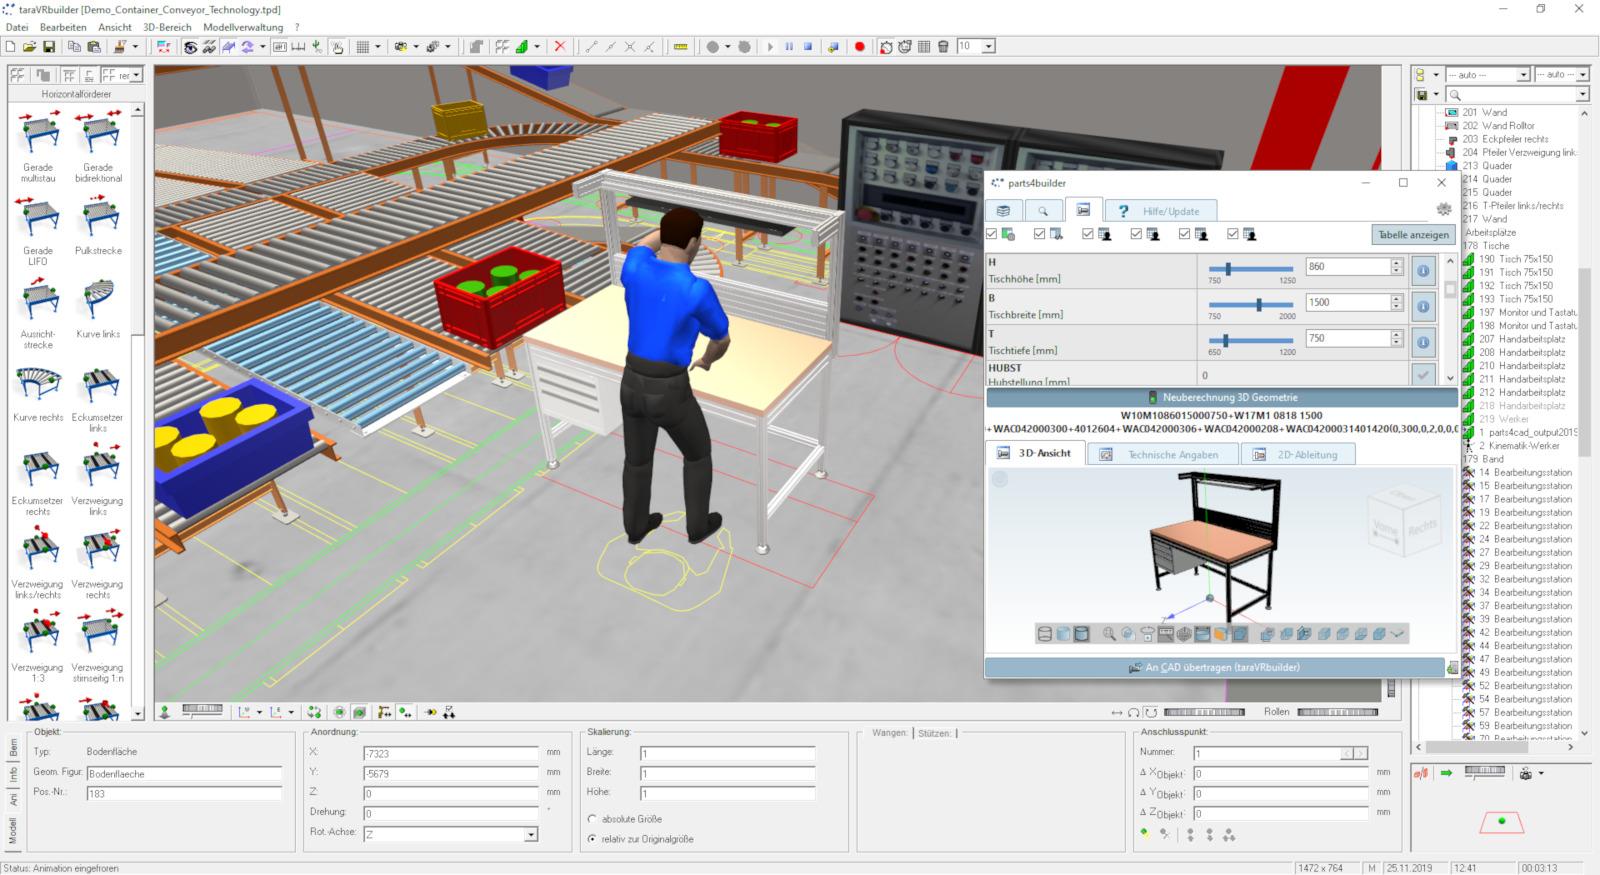 Zugriff auf Millionen Teile: Das Planungstool TaraVRbuilder verwendet online-Kataloge von Cadenas. (Bild: tarakos GmbH)